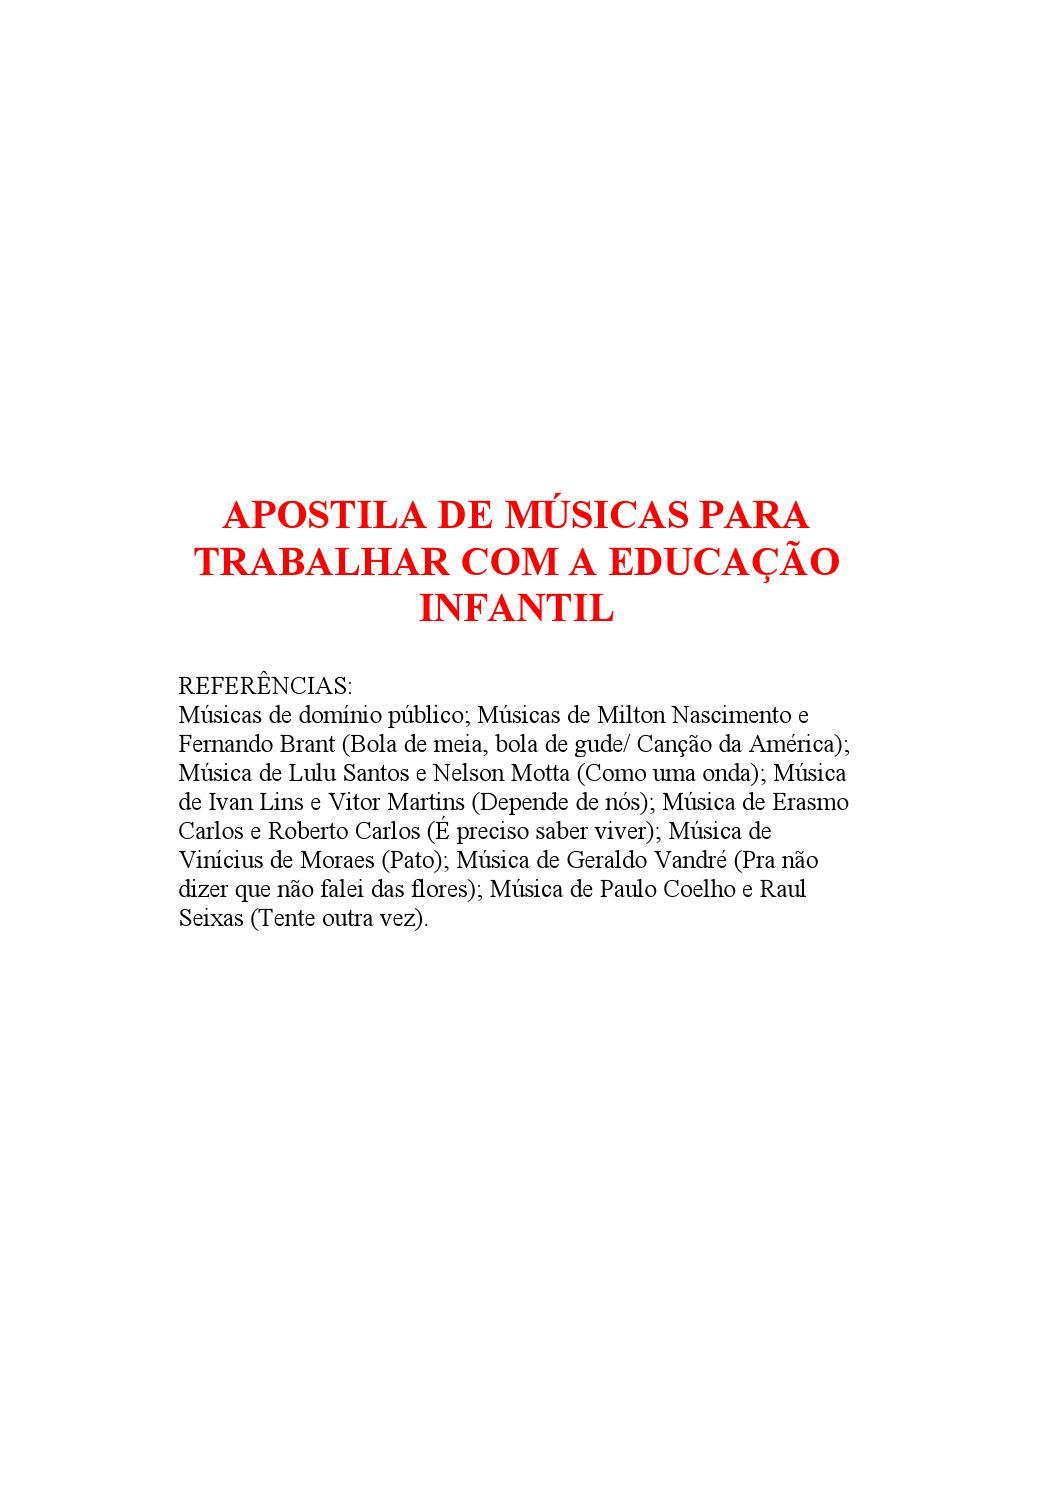 Apostila De Músicas Para Trabalhar Com A Educação Infantil By Faby